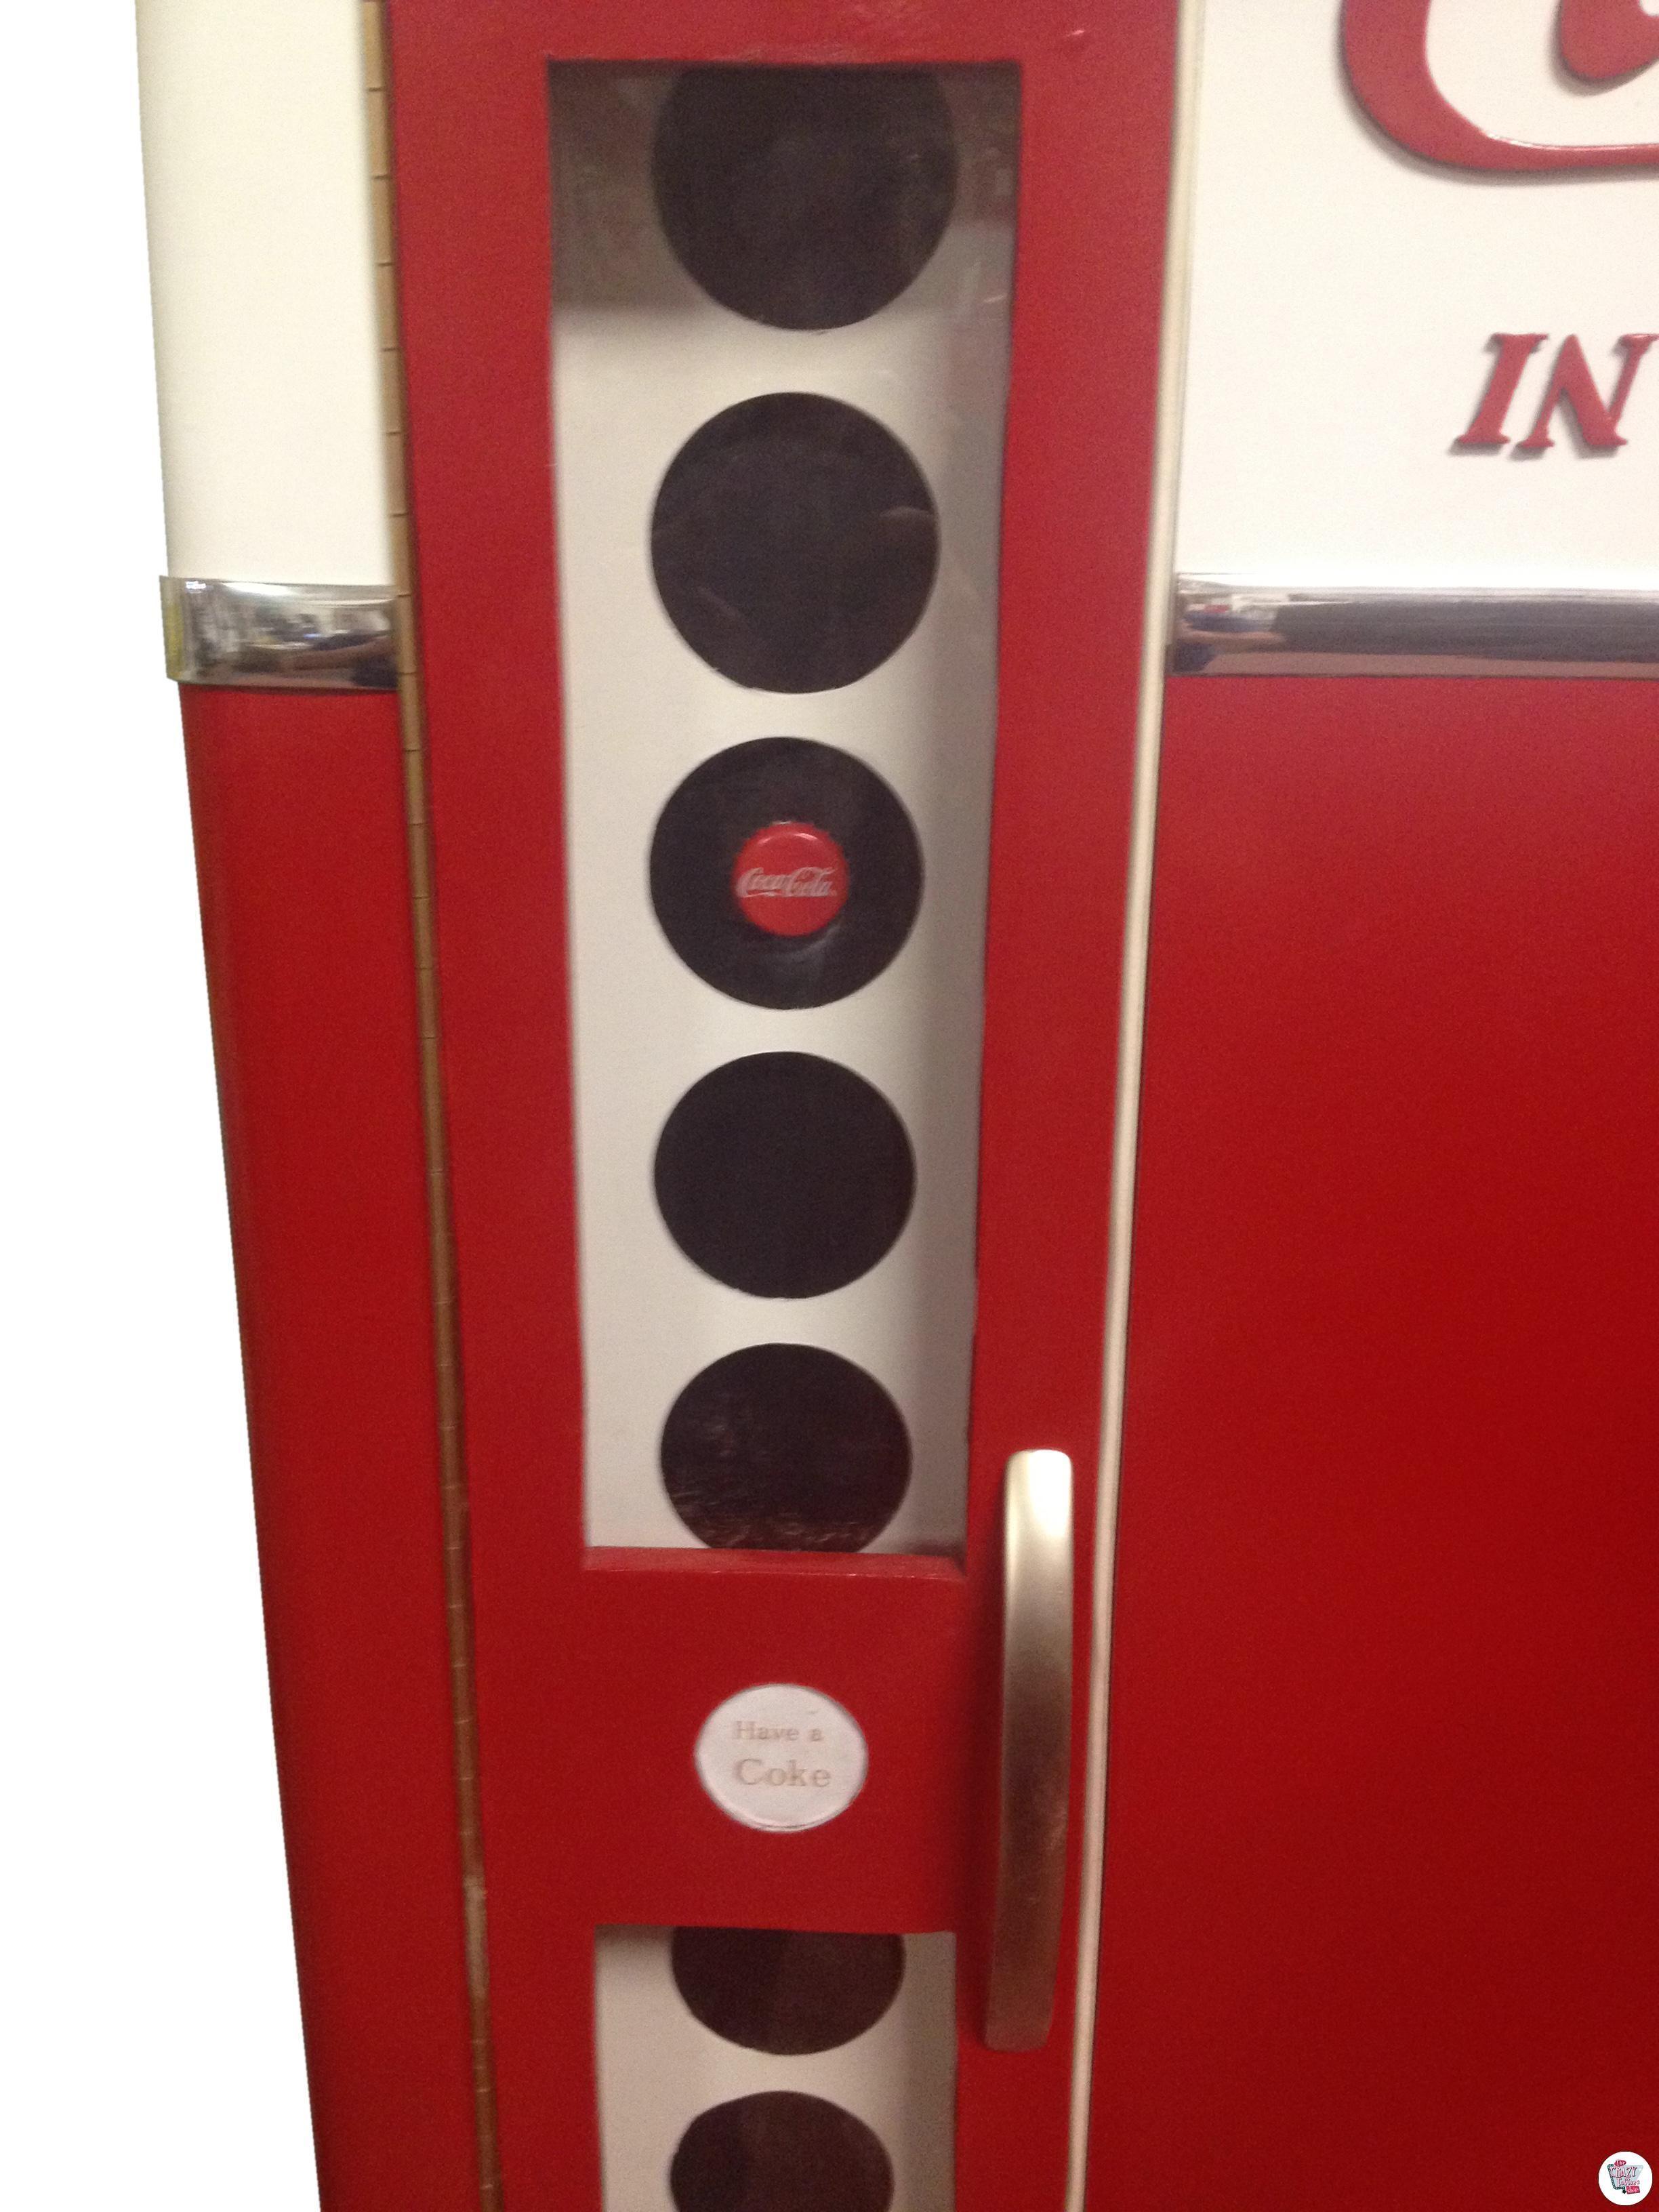 Køb Soft drinks maskine kabinet V81 4